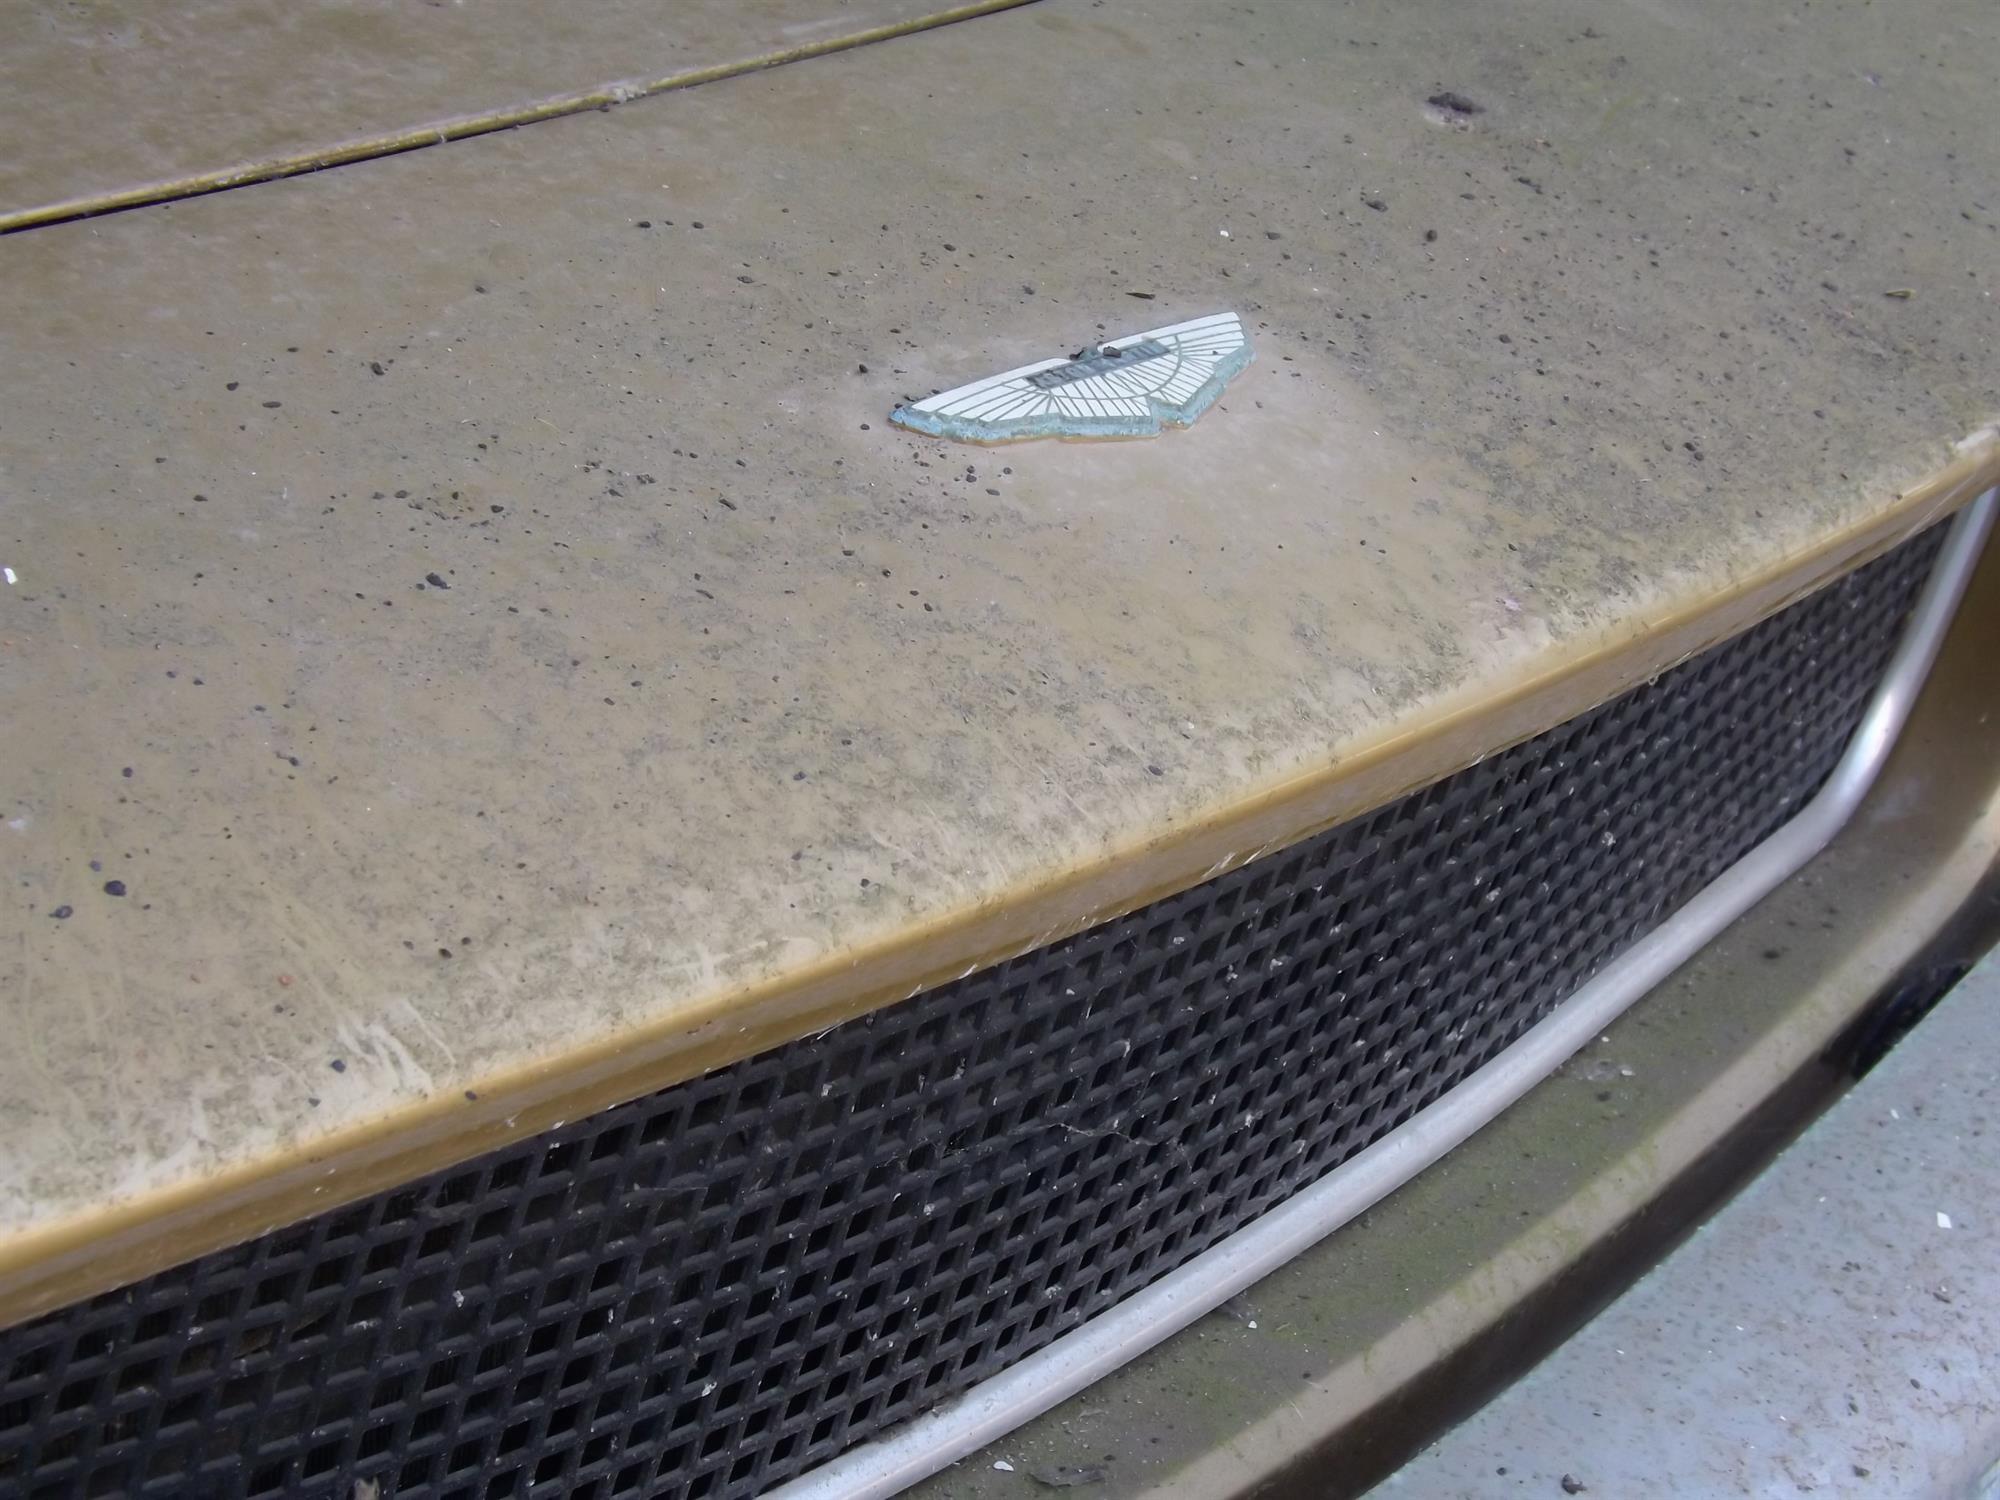 1973 Aston Martin AM V8 - Garage Find - Image 13 of 13